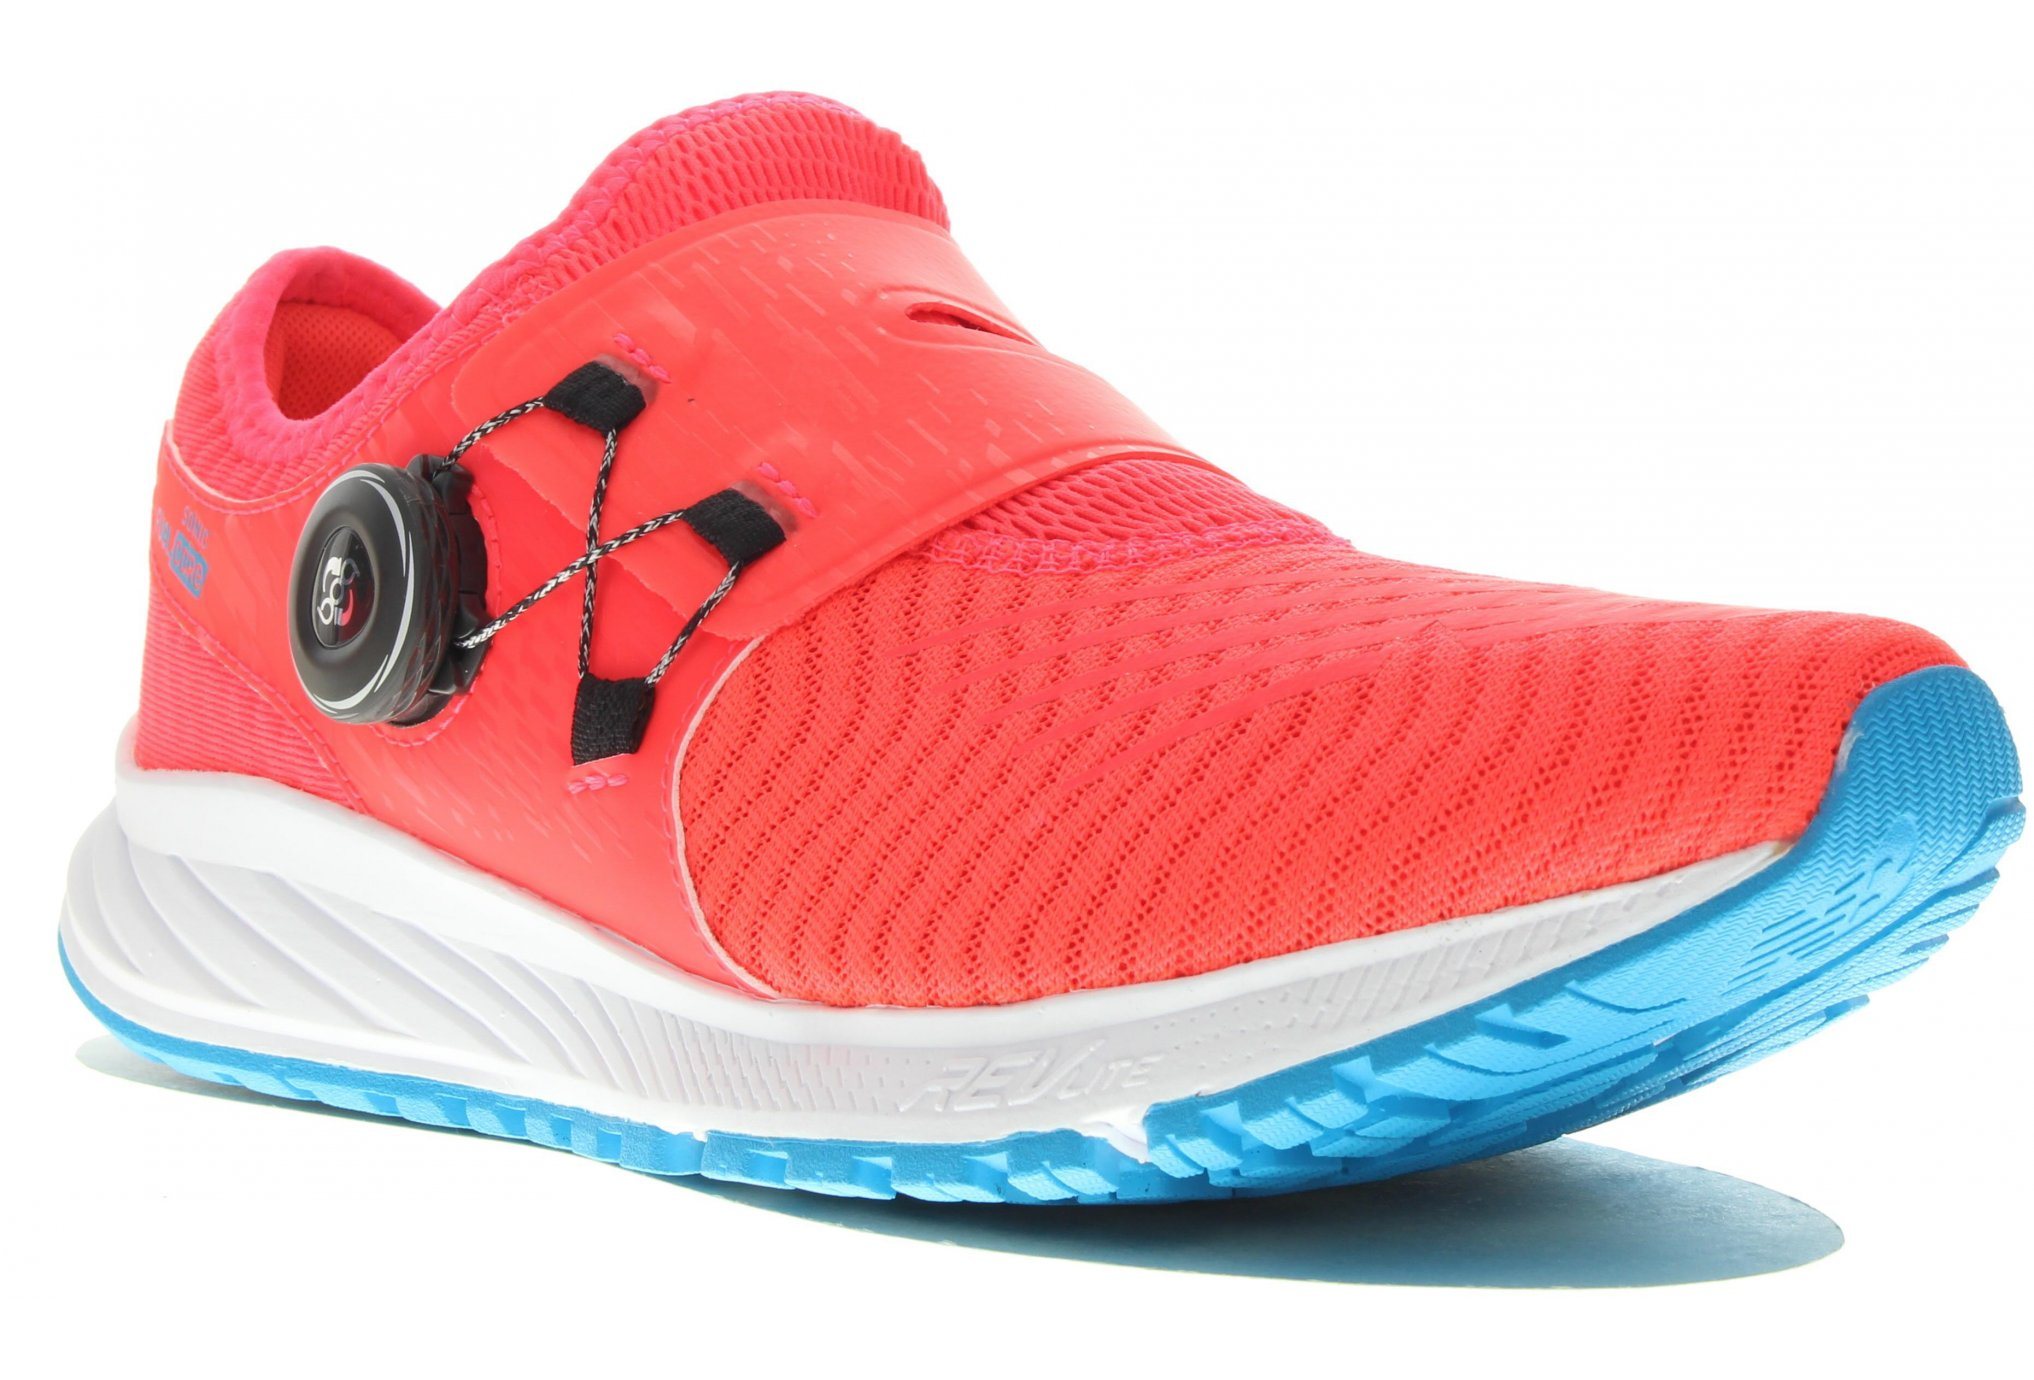 New Balance FuelCore Sonic W Diététique Chaussures femme